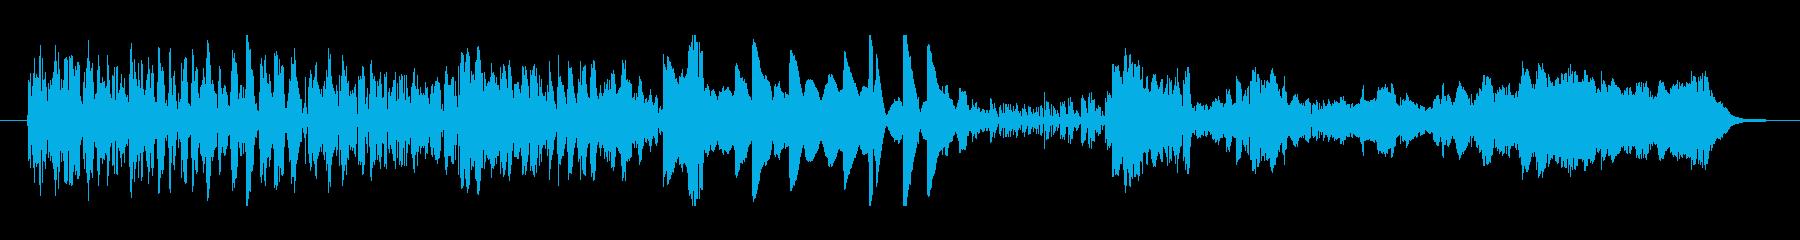 静的遷移の再生済みの波形